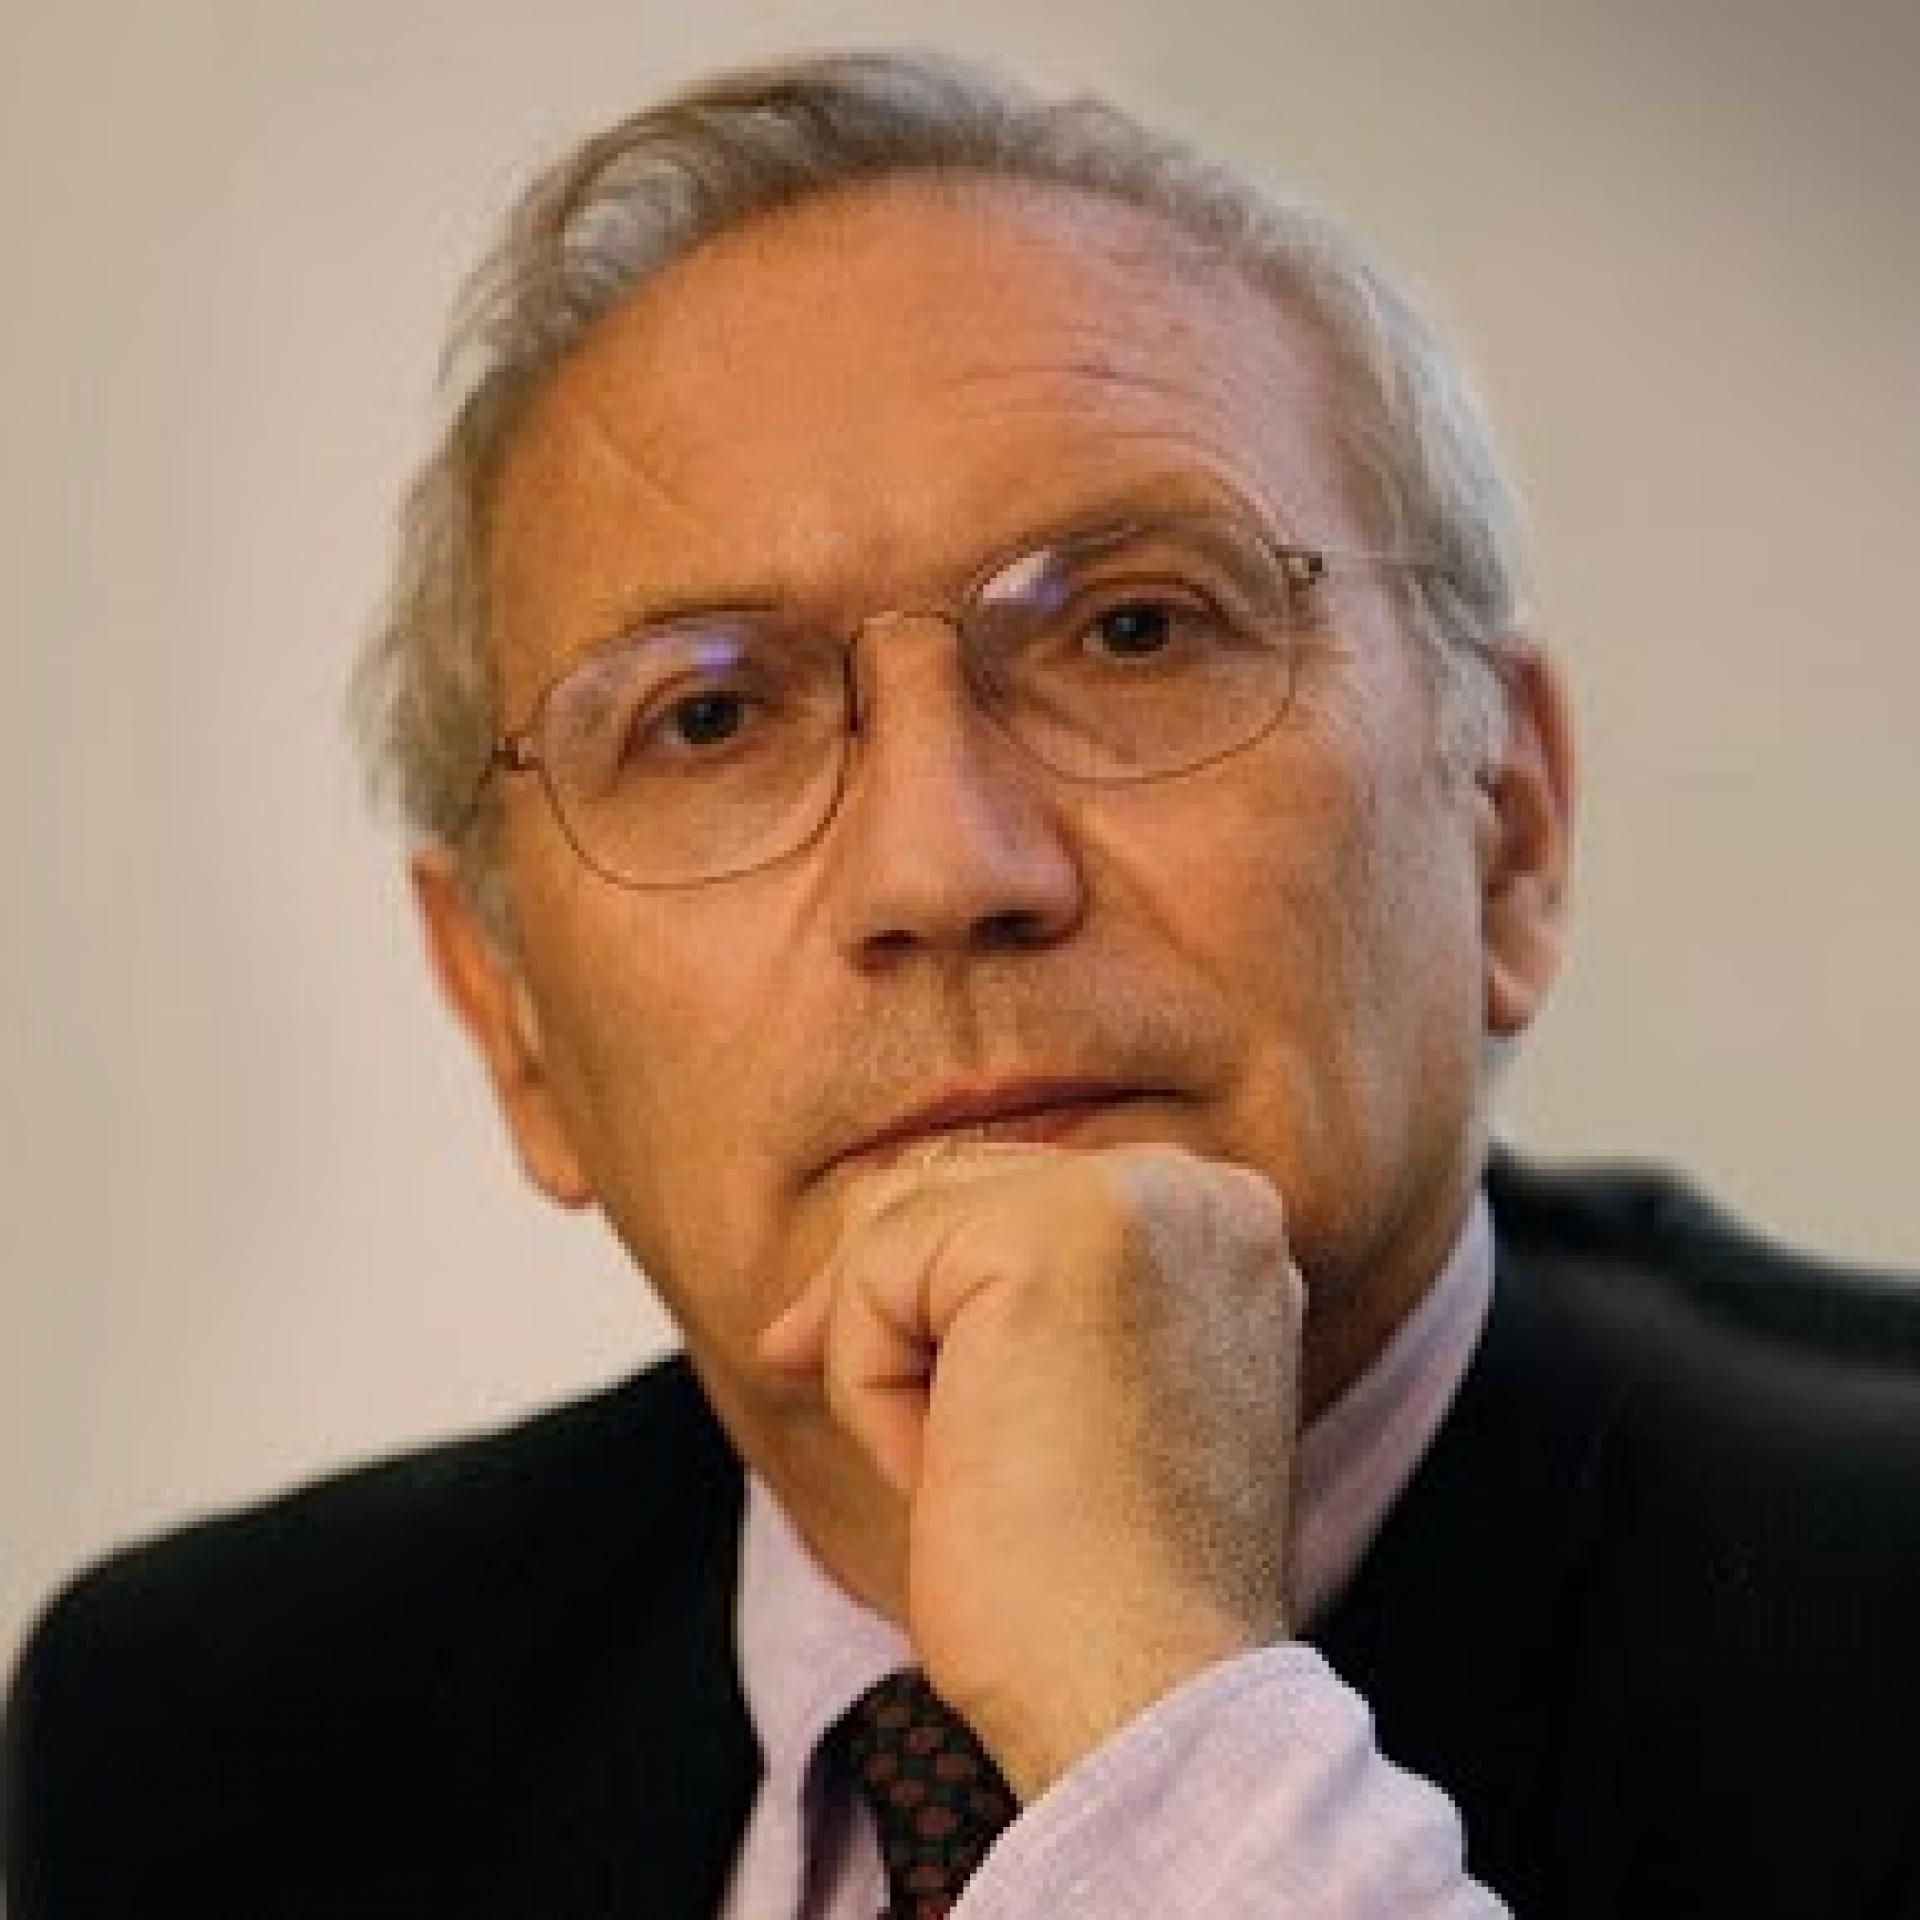 Immagine L'intervento del Ministro dell'Istruzione Patrizio Bianchi alla XIX Giornata della Formazione Manageriale ASFOR